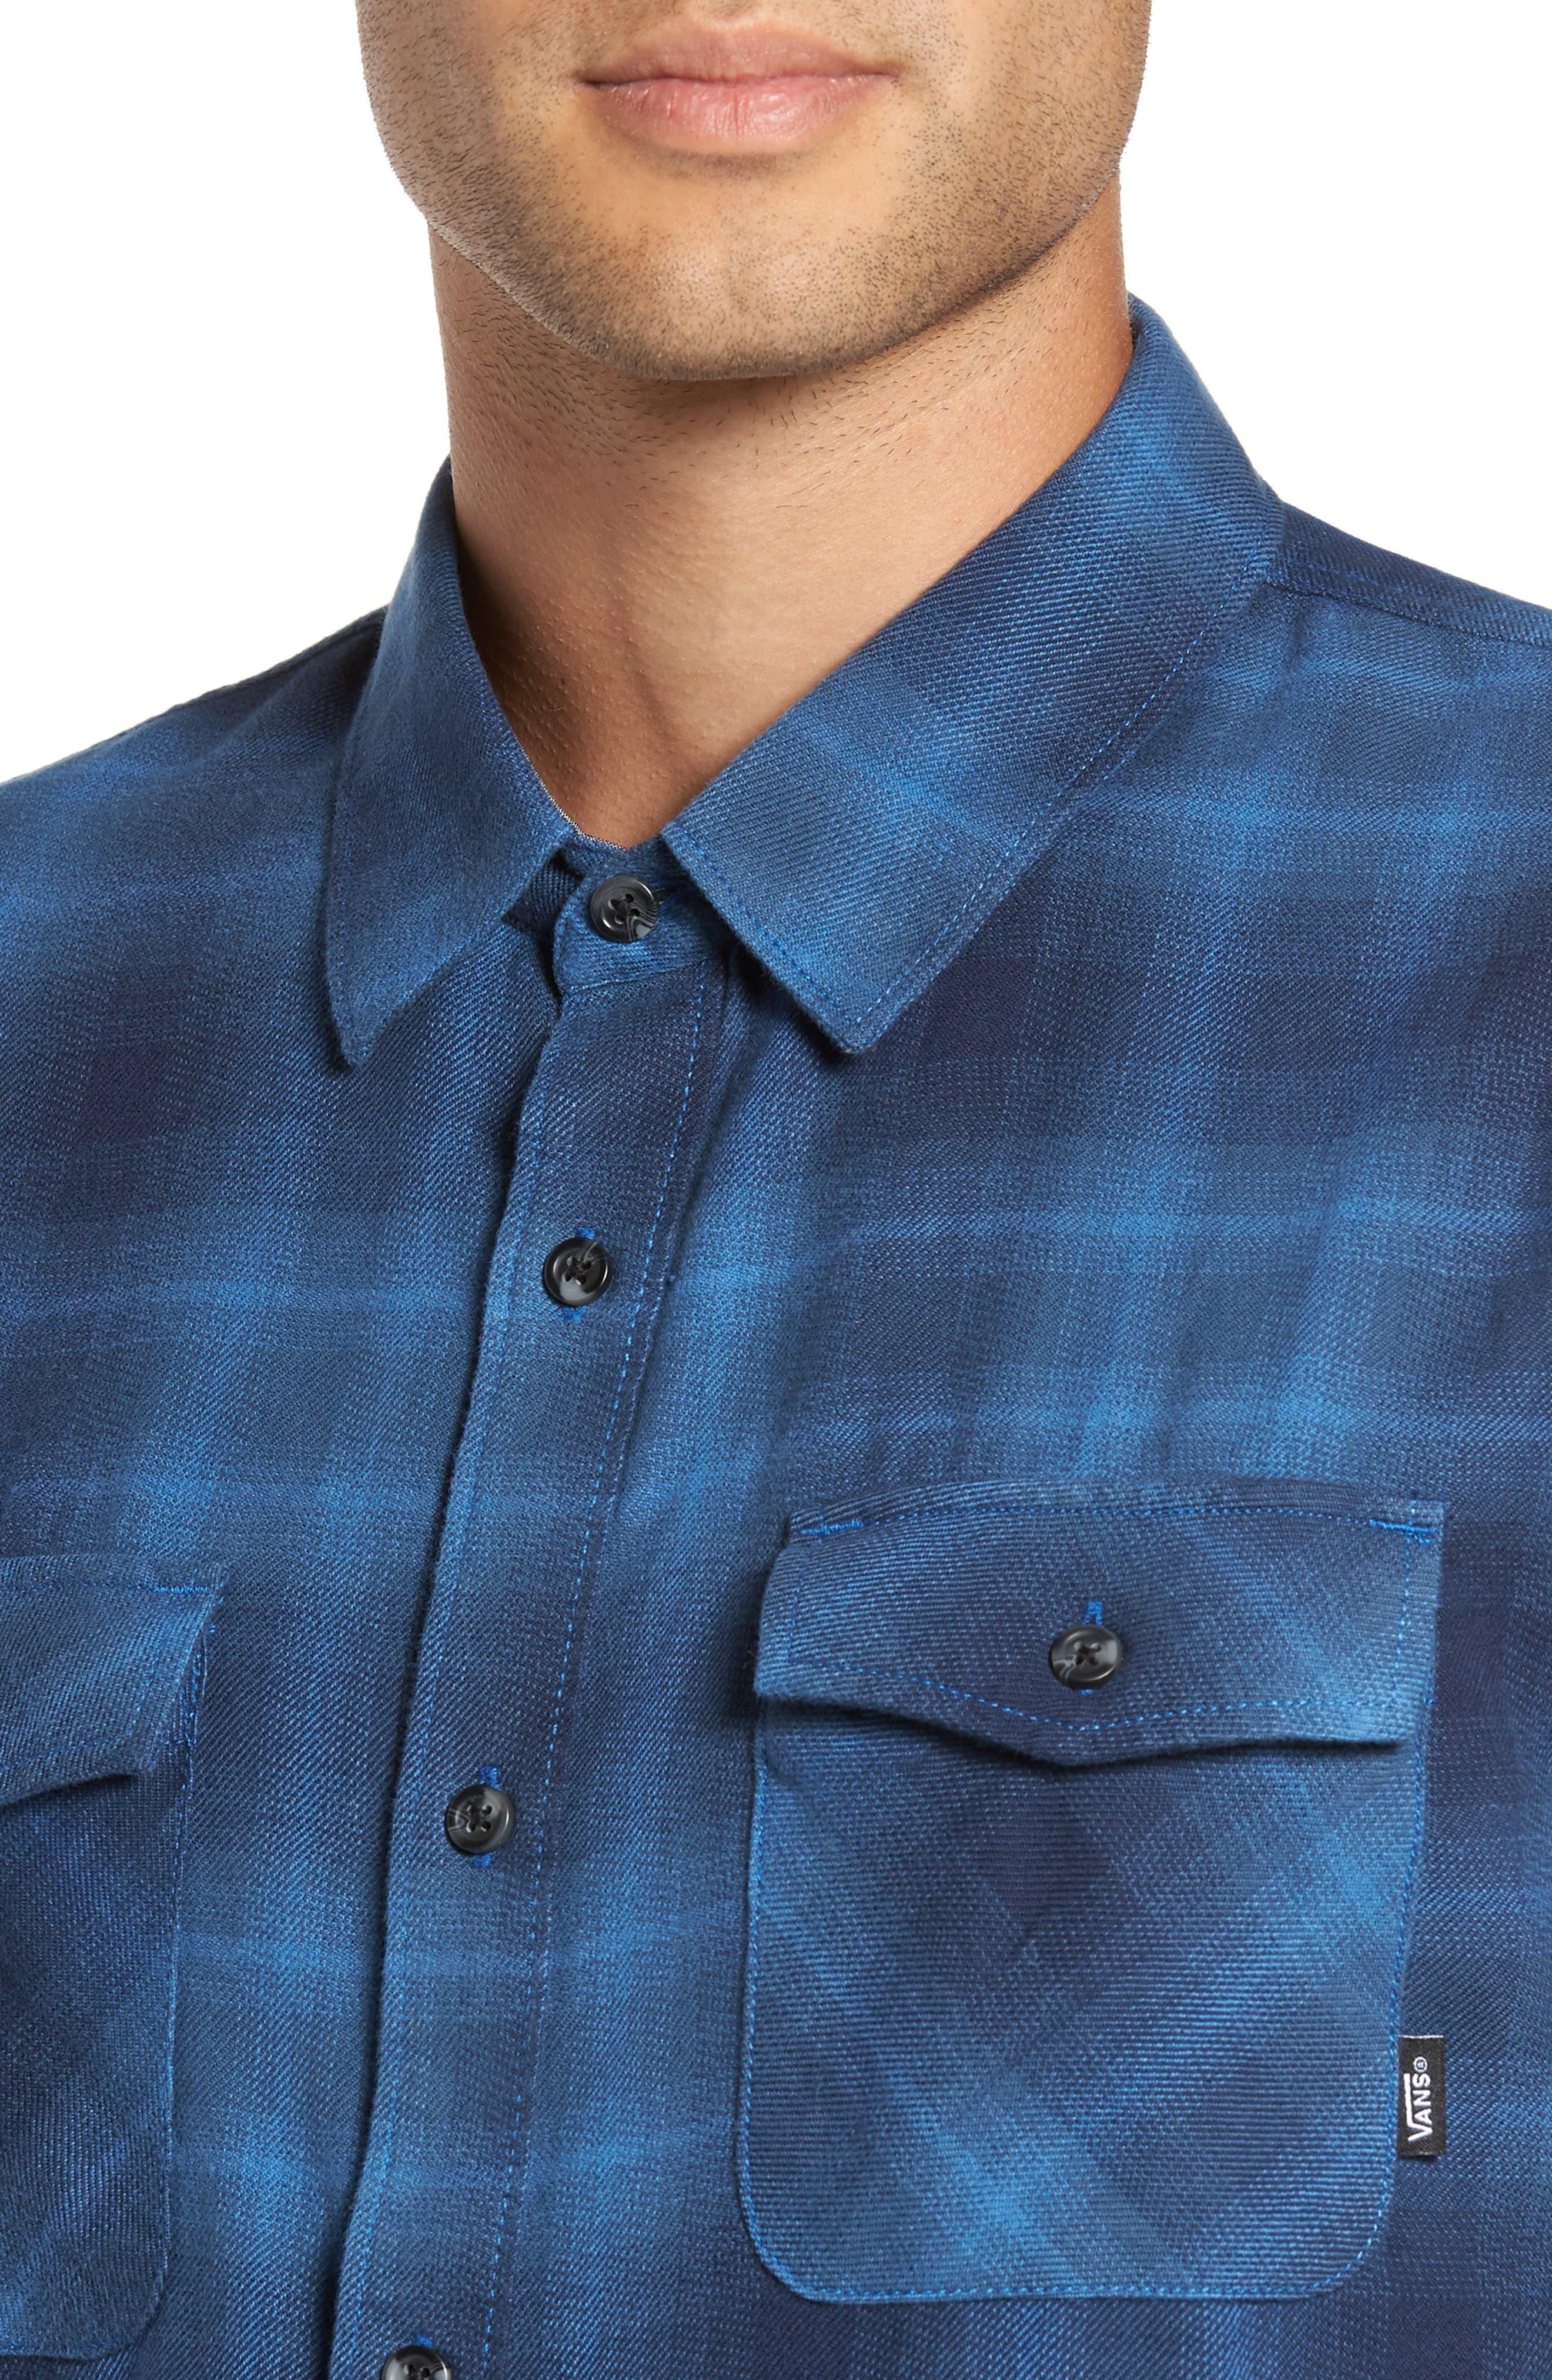 Monterey II Plaid Flannel Sport Shirt,                             Alternate thumbnail 4, color,                             Delft